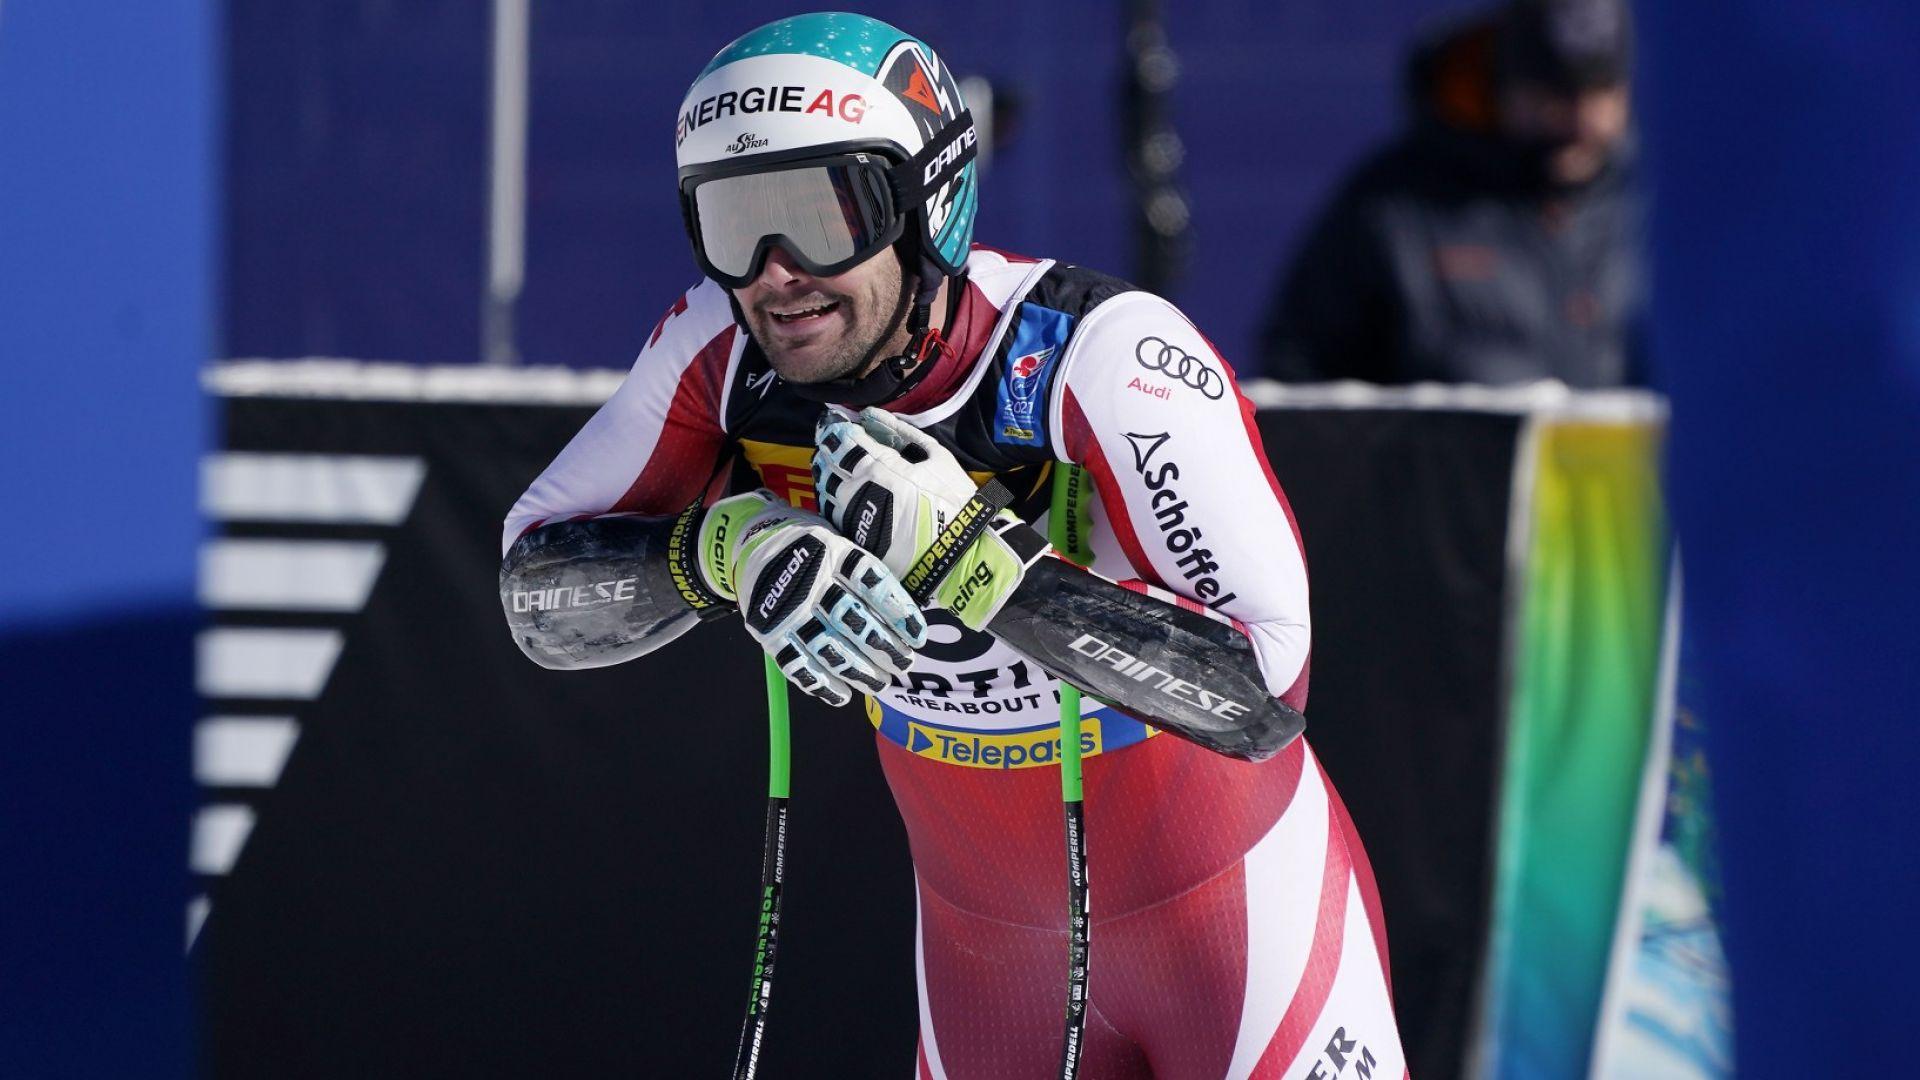 Крихмайер спечели втората си световна титла в алпийските ски